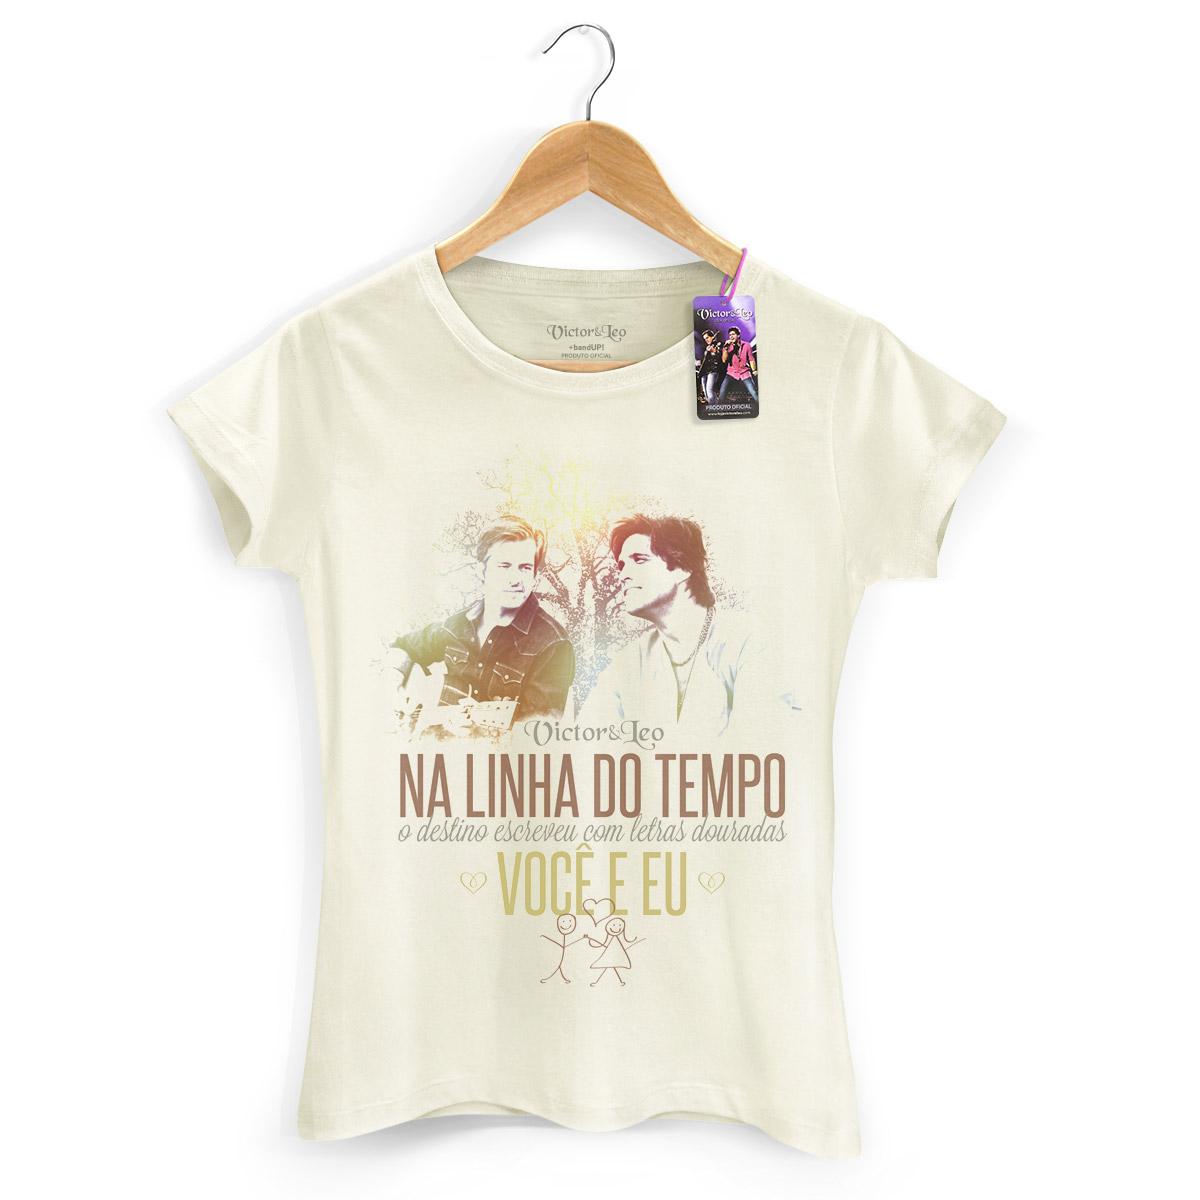 Camiseta Feminina Victor & Leo - Na Linha do Tempo